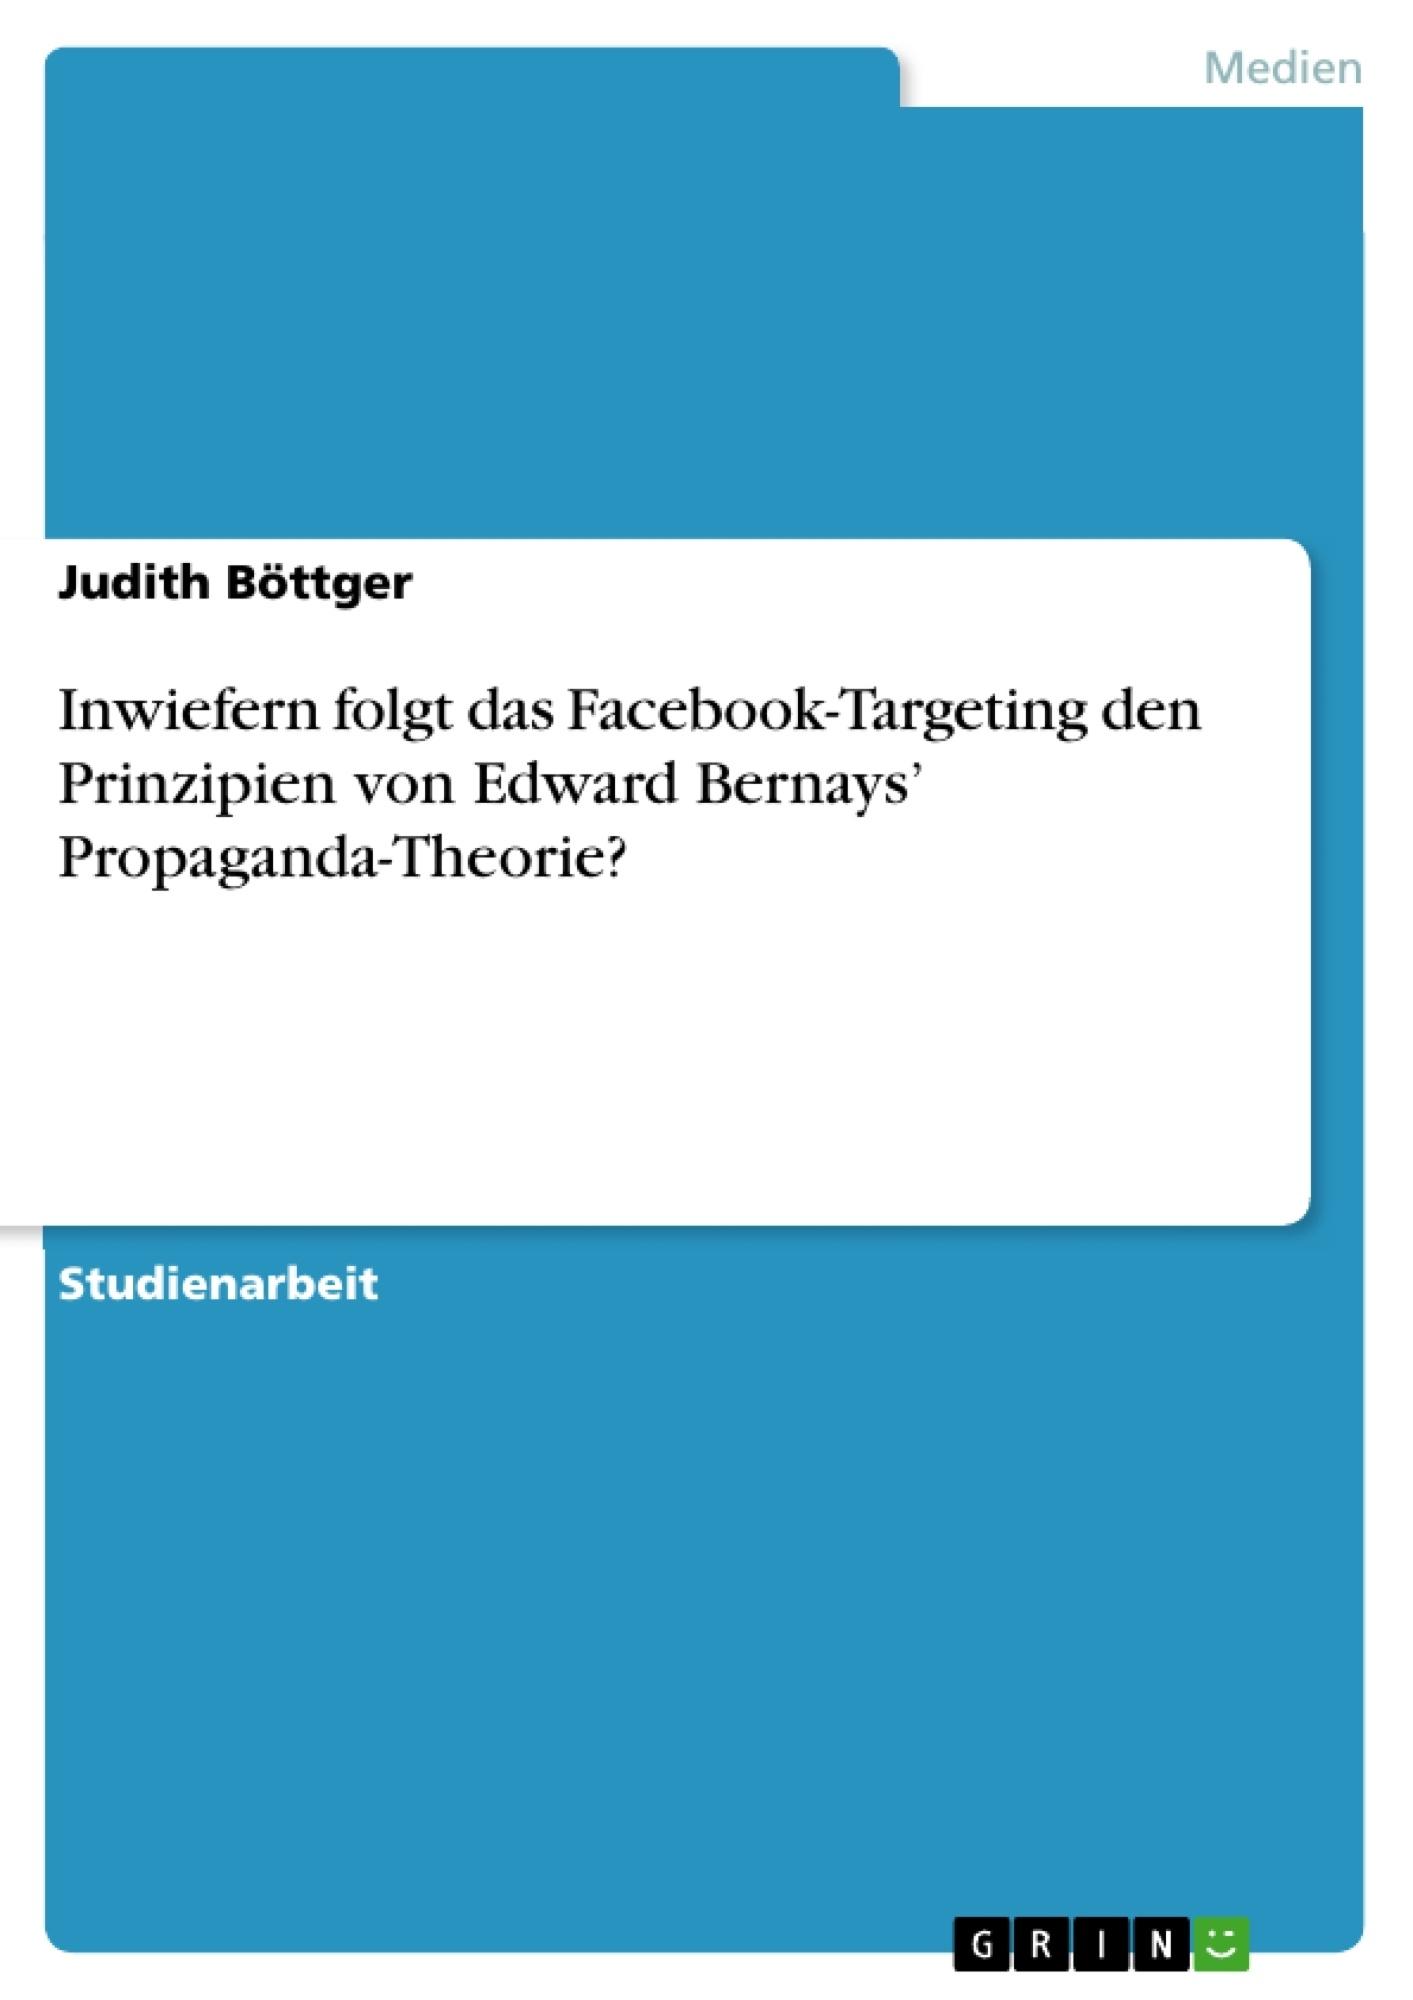 Titel: Inwiefern folgt das Facebook-Targeting den Prinzipien von Edward Bernays' Propaganda-Theorie?